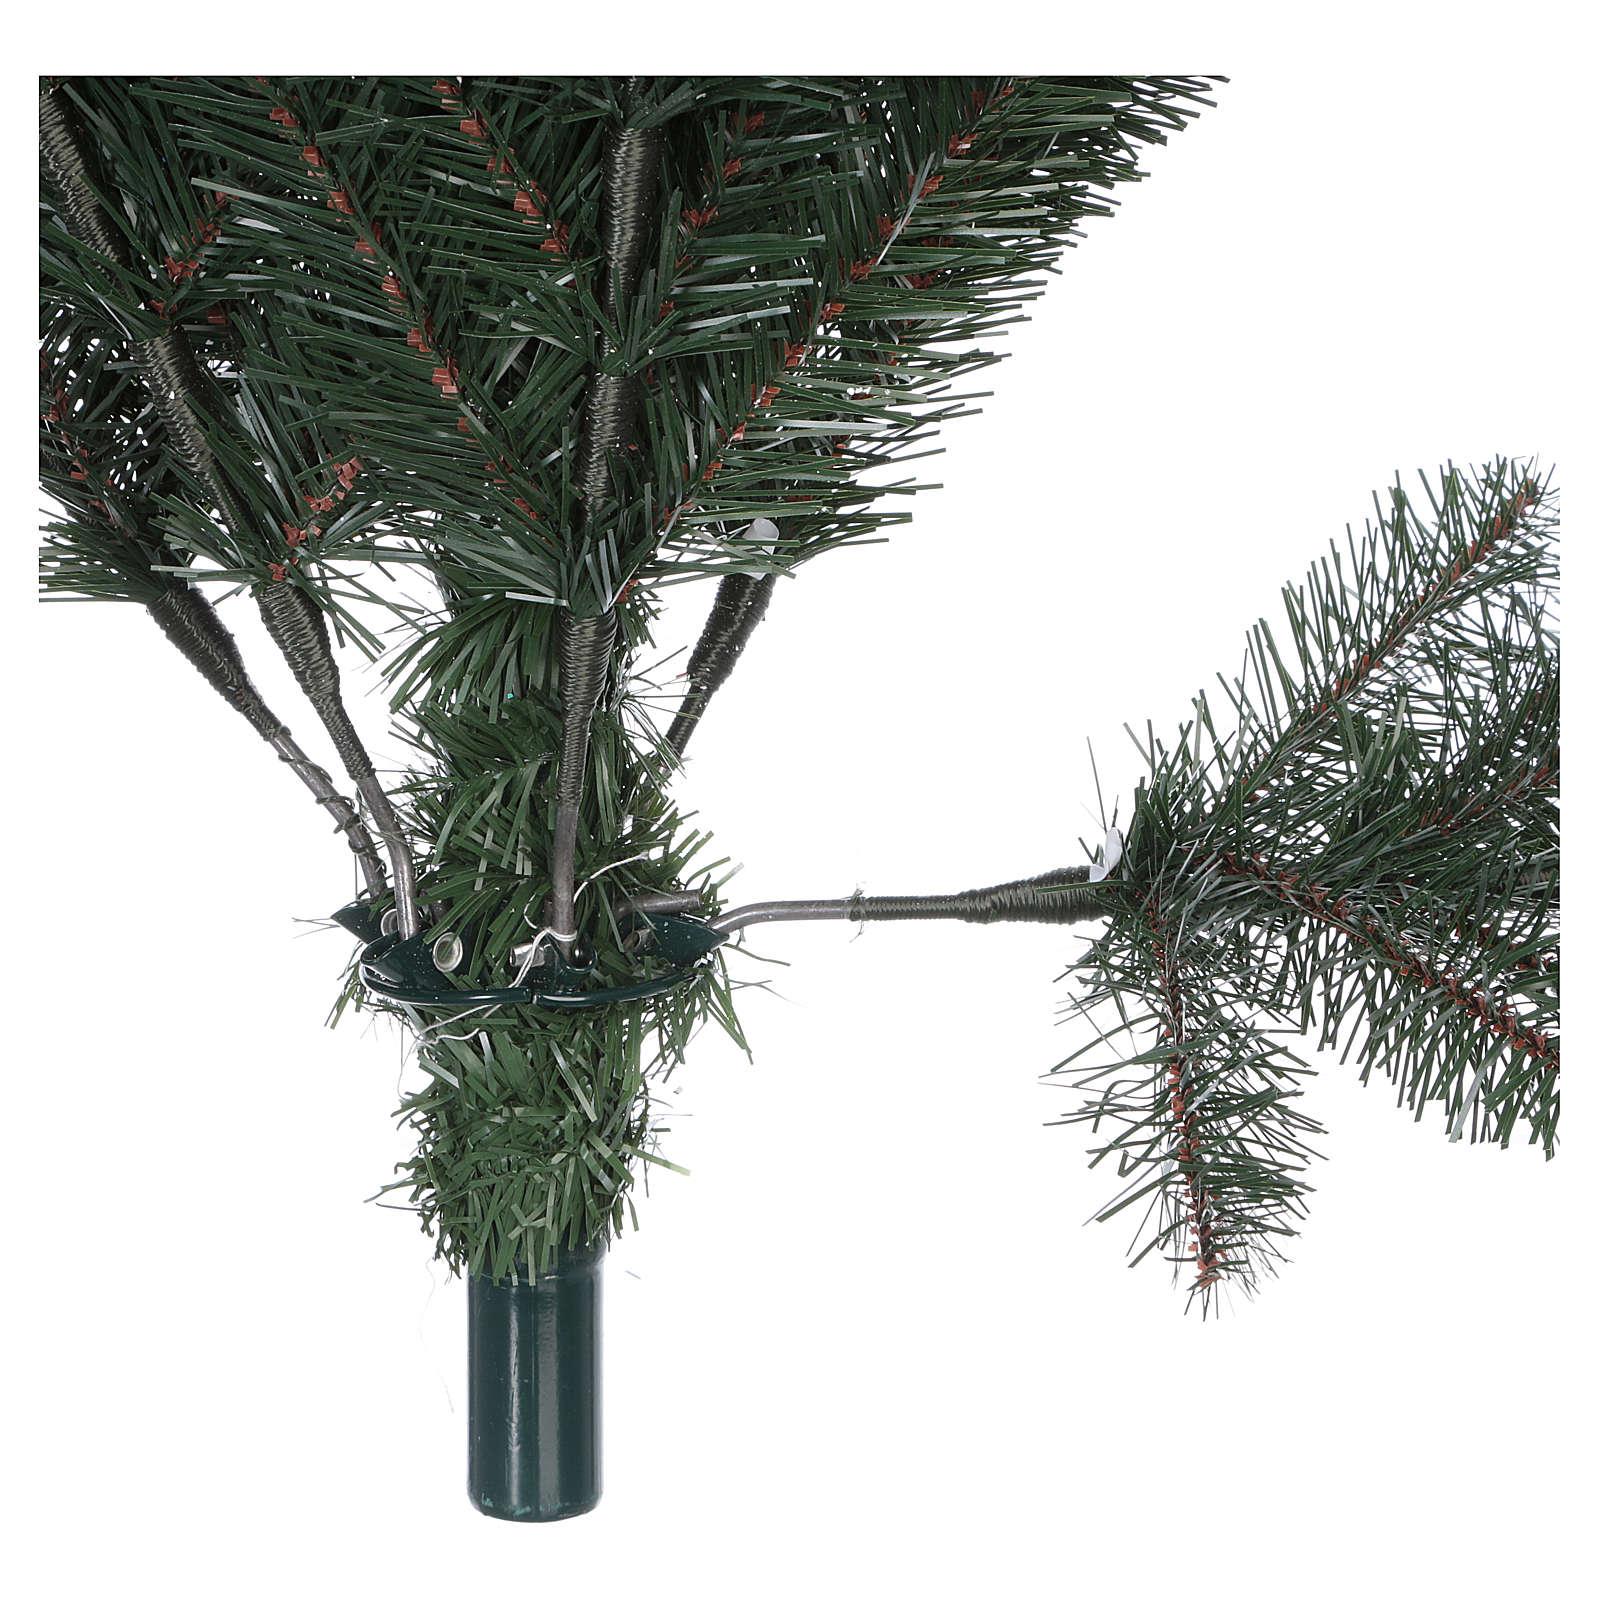 Grüner Weihnachtsbaum 180cm Zapfen und Glitter Mod. Glittery Bristle 3